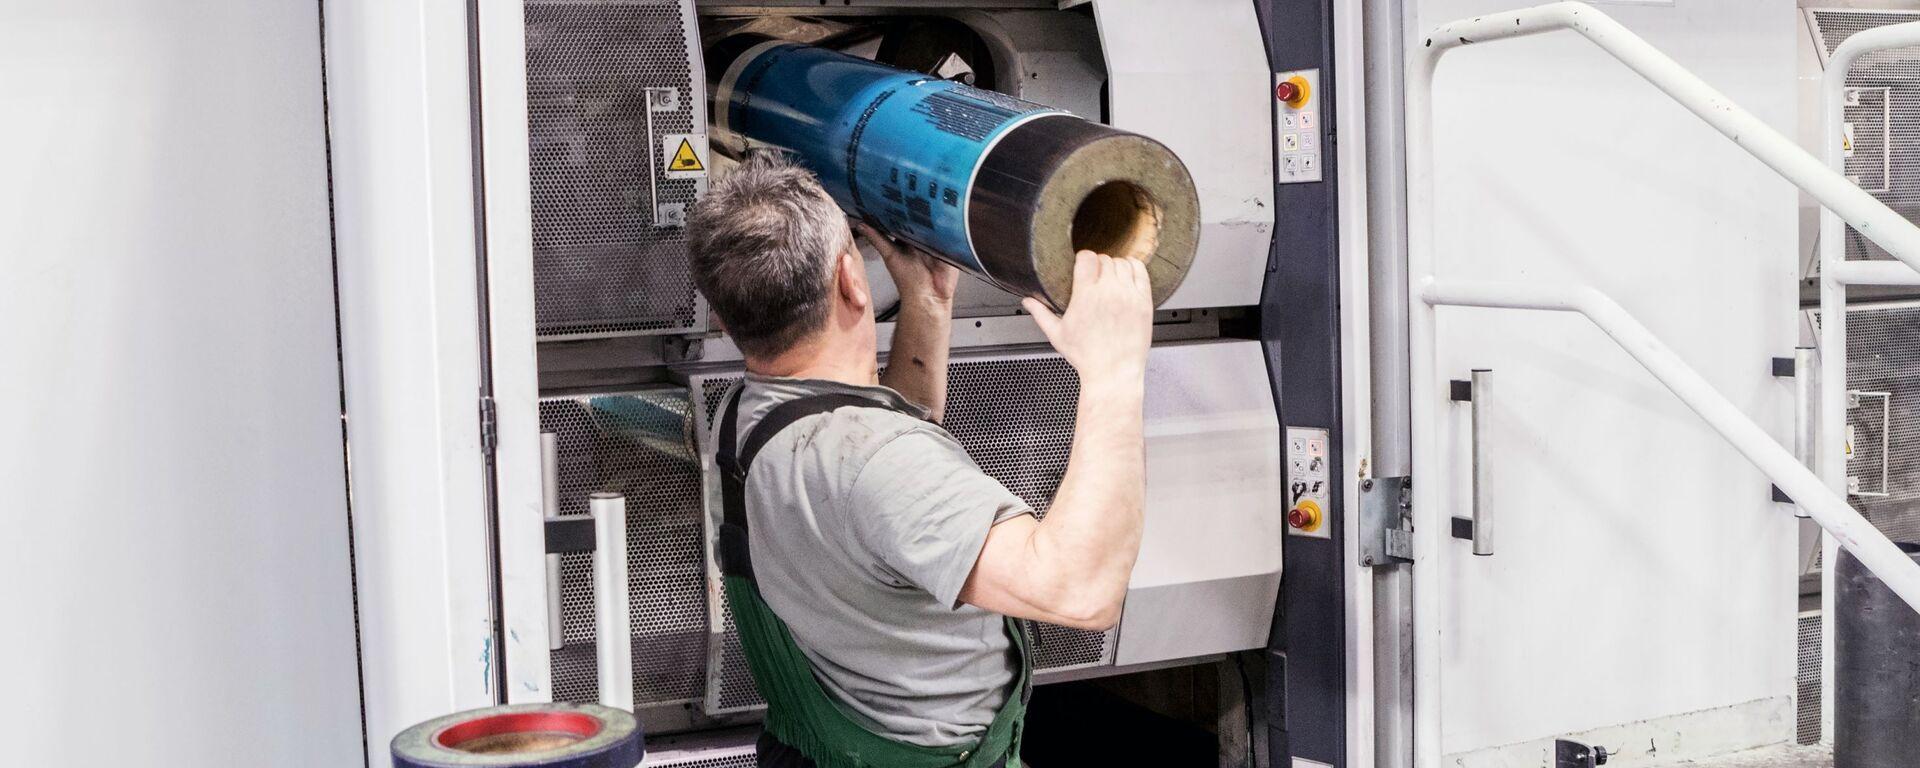 Lavoro in fabbrica - Sputnik Italia, 1920, 08.06.2021